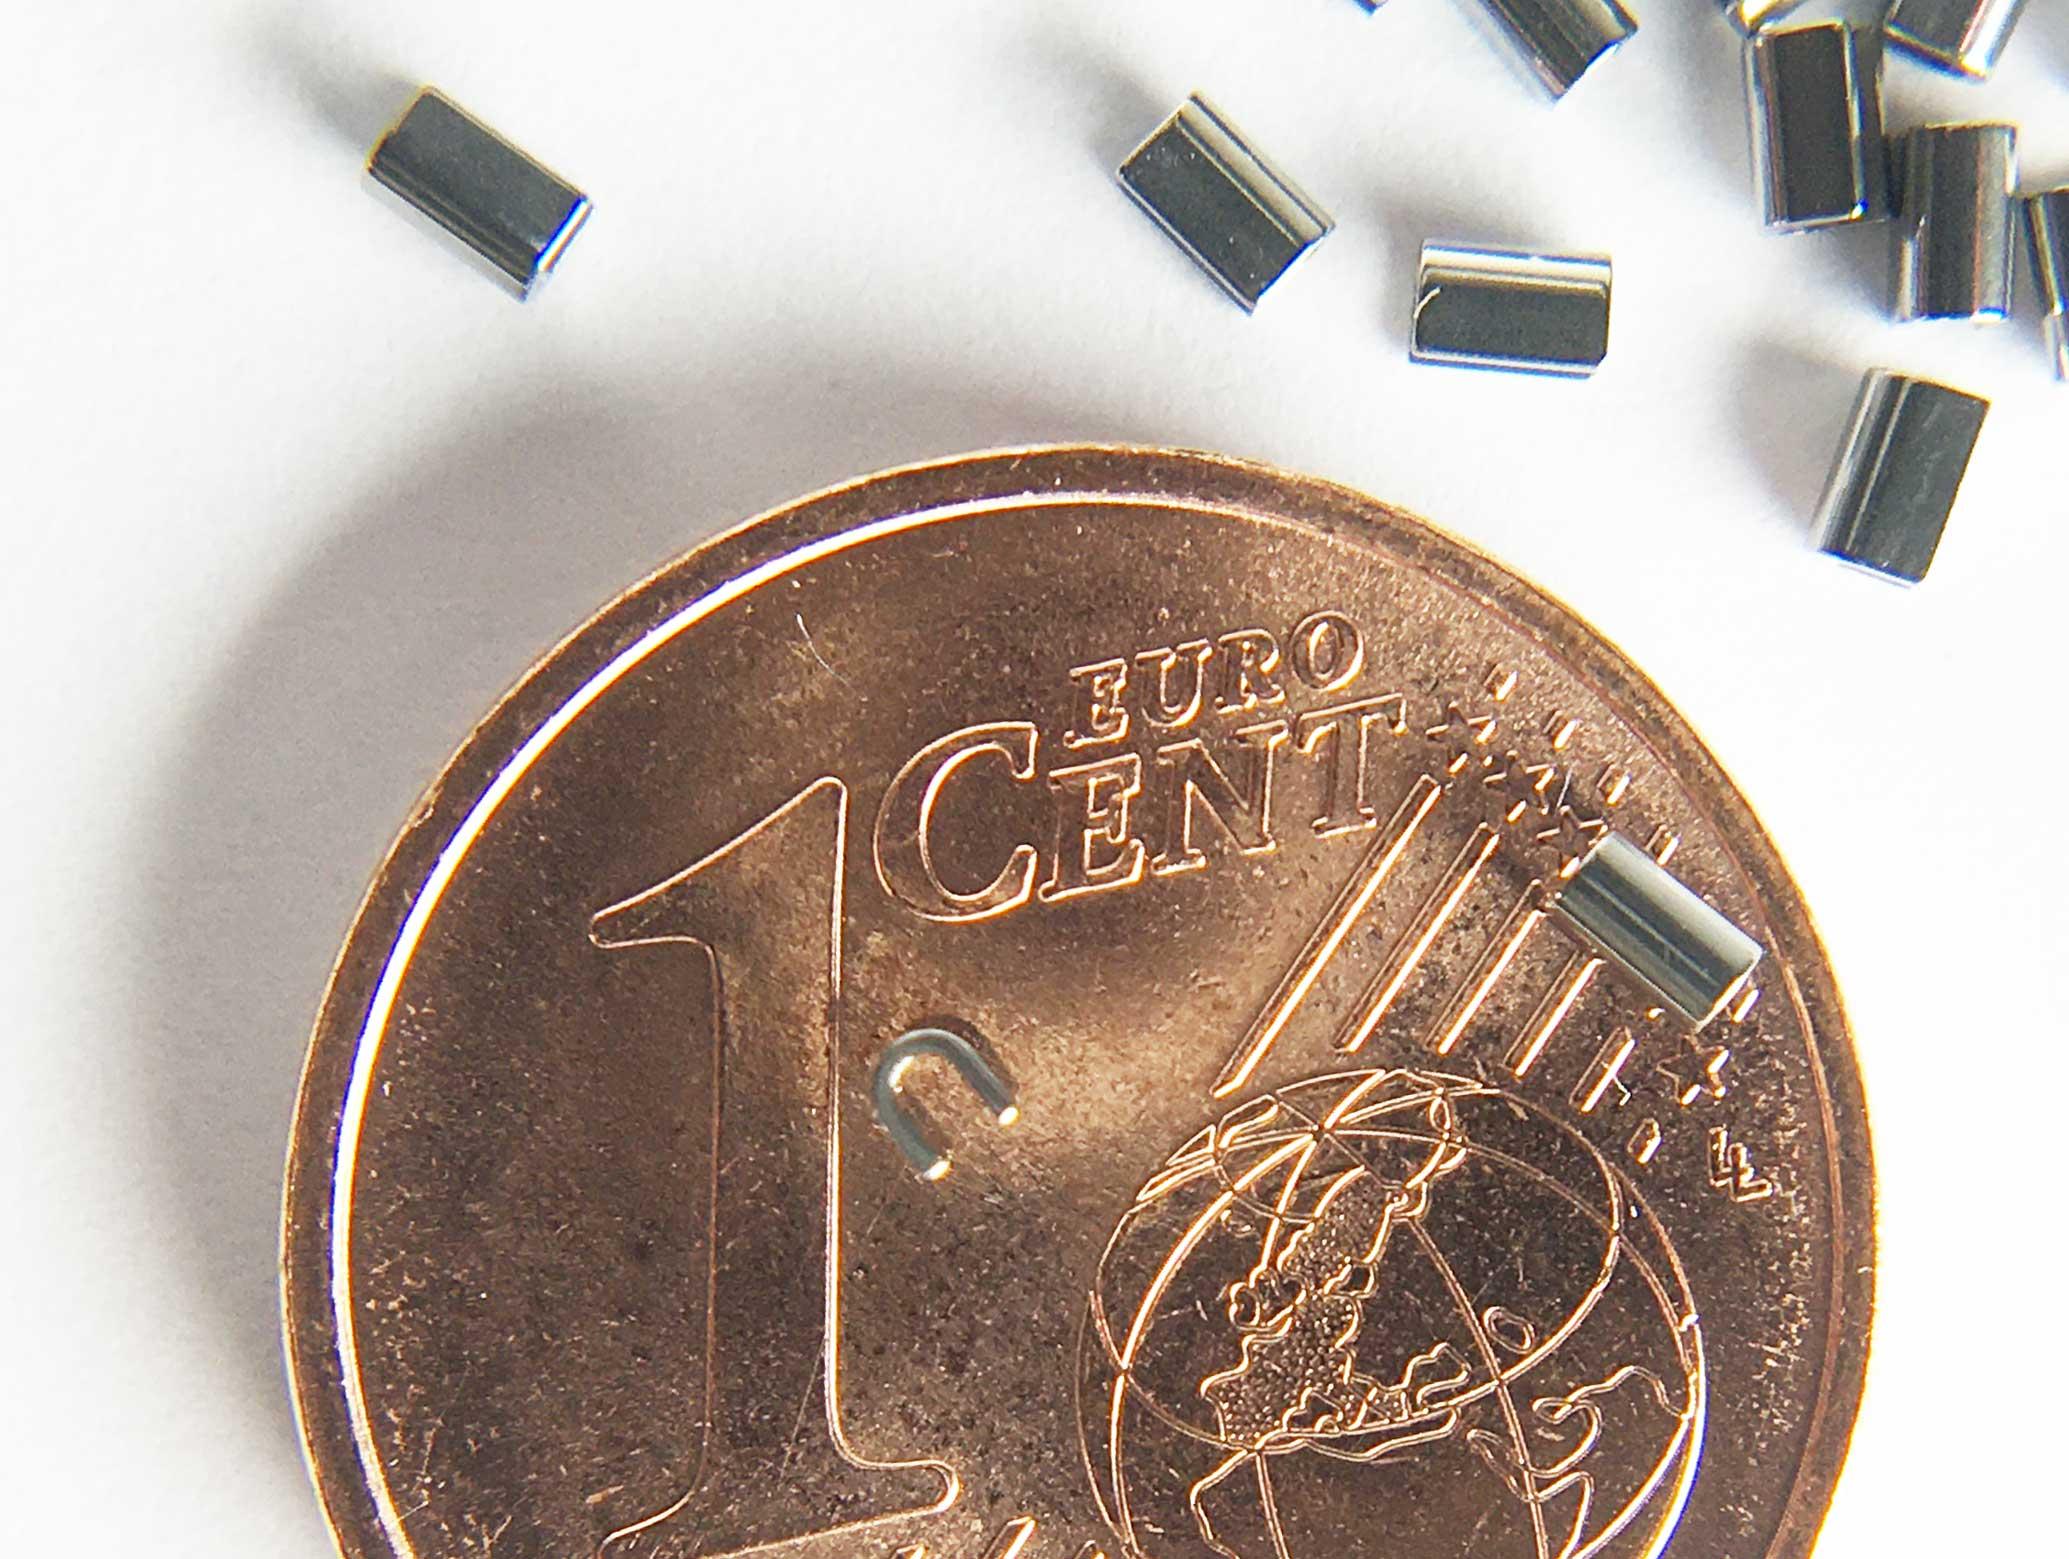 SMT-Präzisionsröhrchen Crimpable Clips CC01 Originalgröße im Vergleich mit 1 Cent